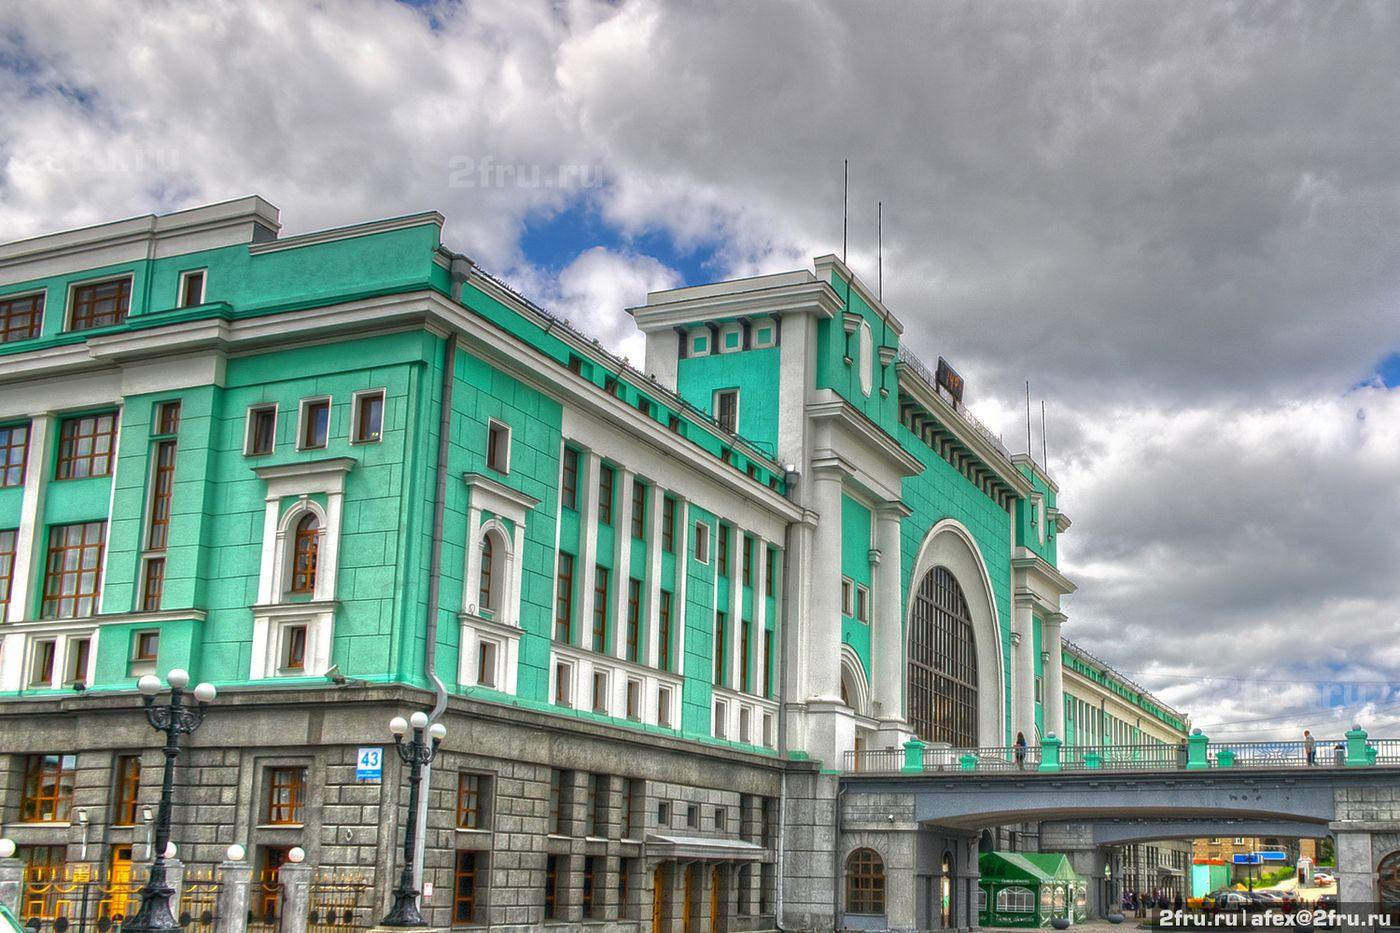 Фотографии офиса магнит на речном вокзале нужна специфическая